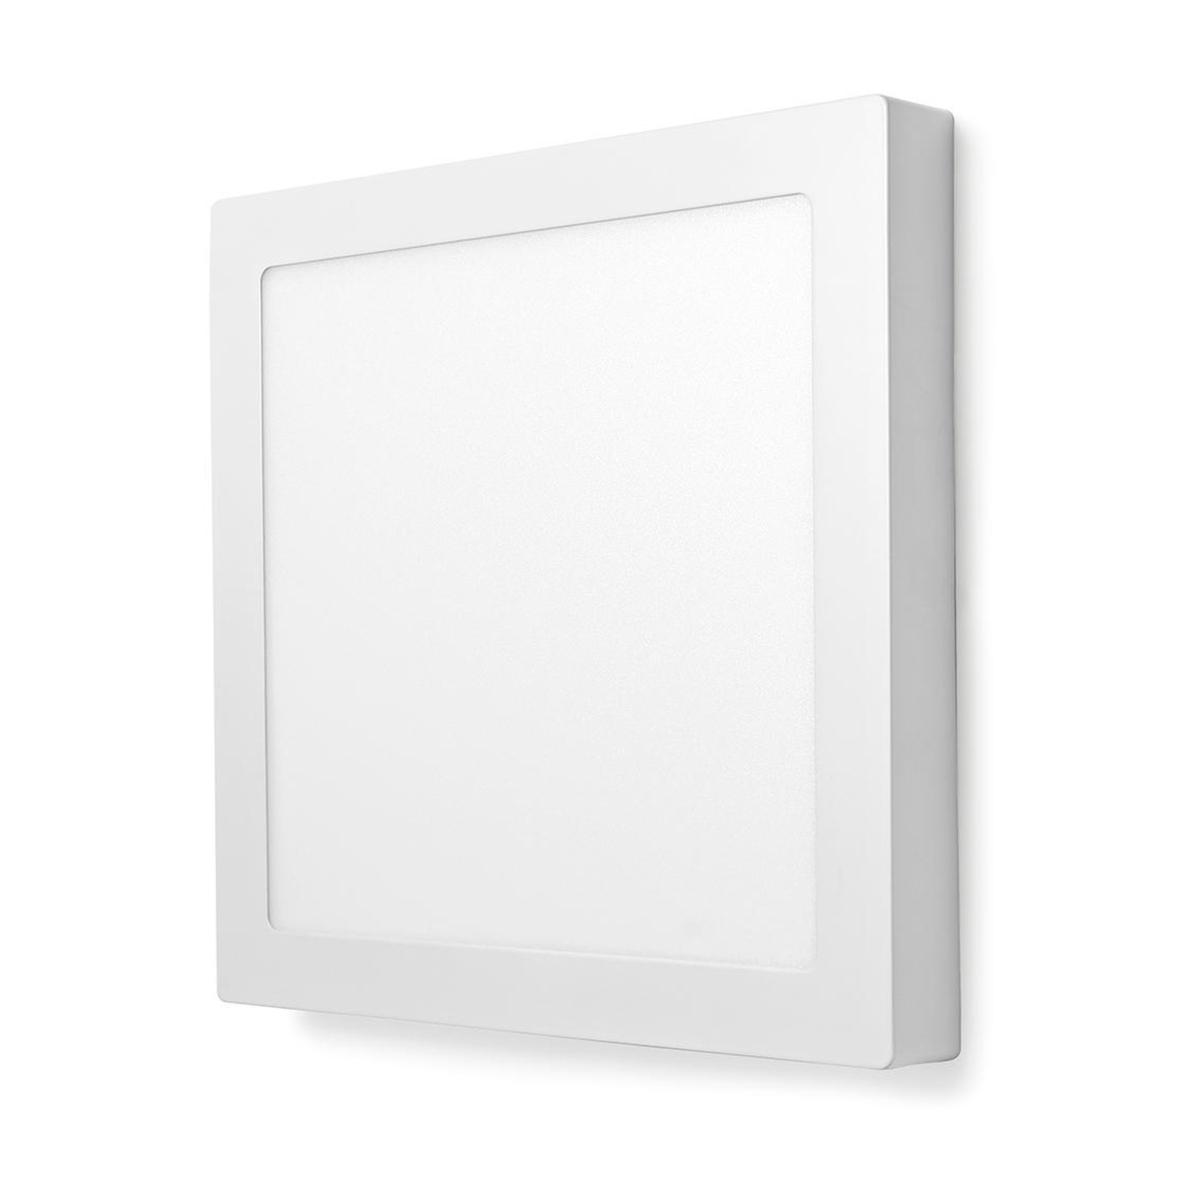 NEDIS WIFI SMART TAKLAMPE RUND 30 CM WIFILAW20WT Power.no